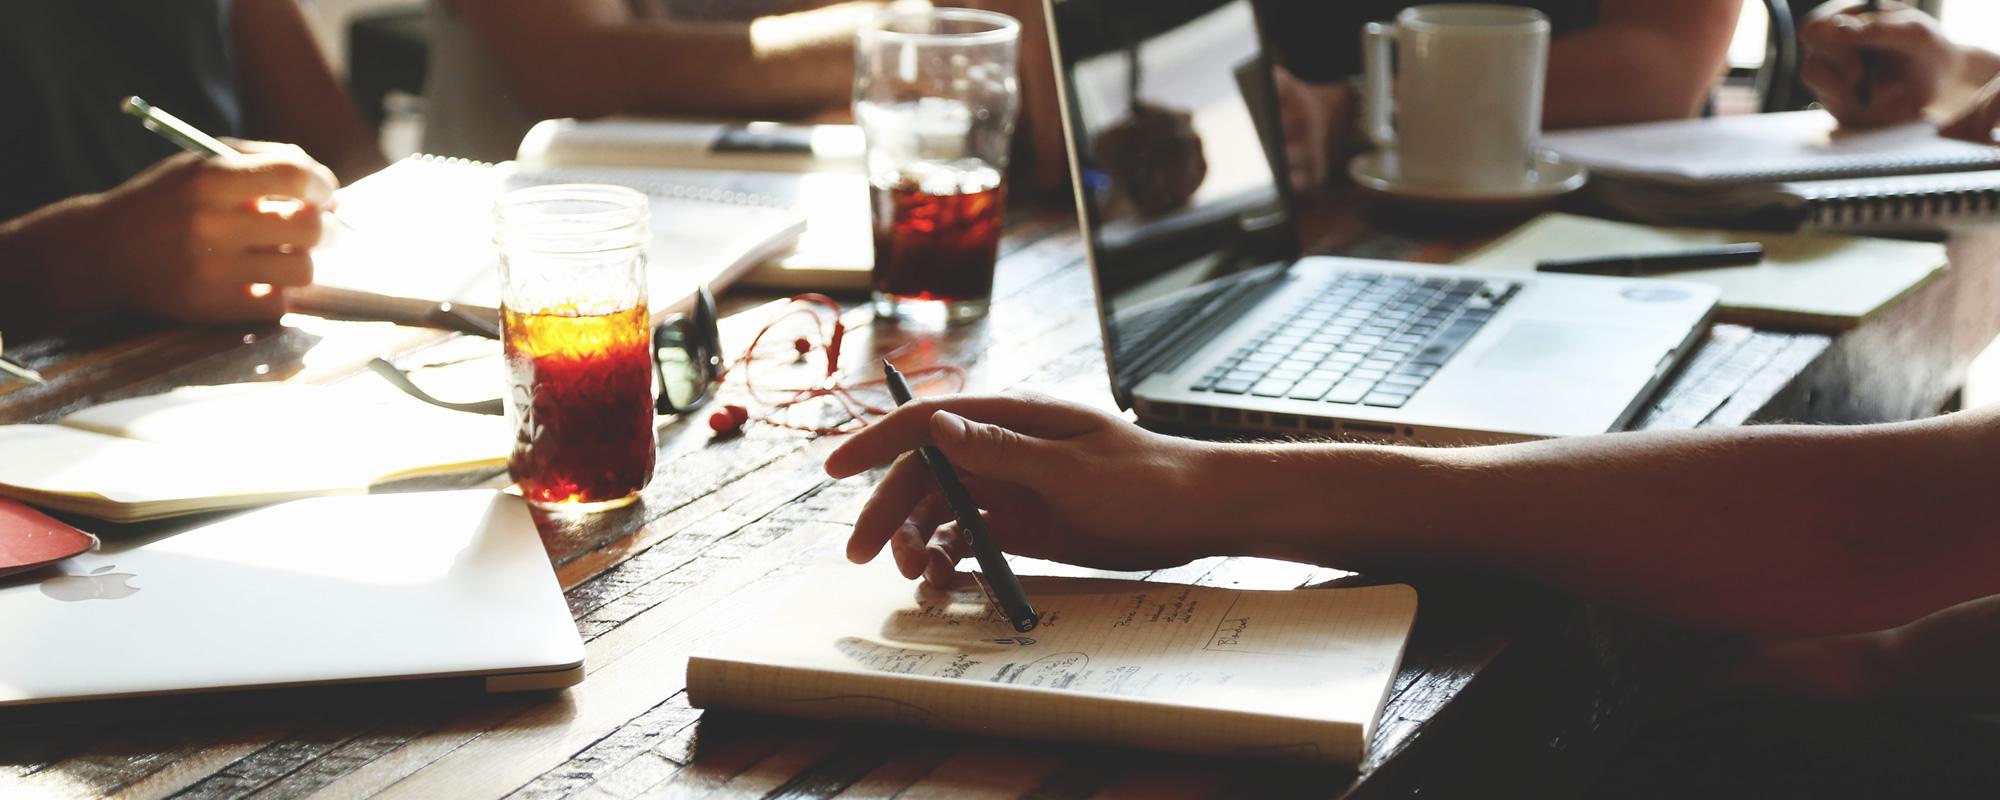 תגית: מאמרים לקידום אתרים